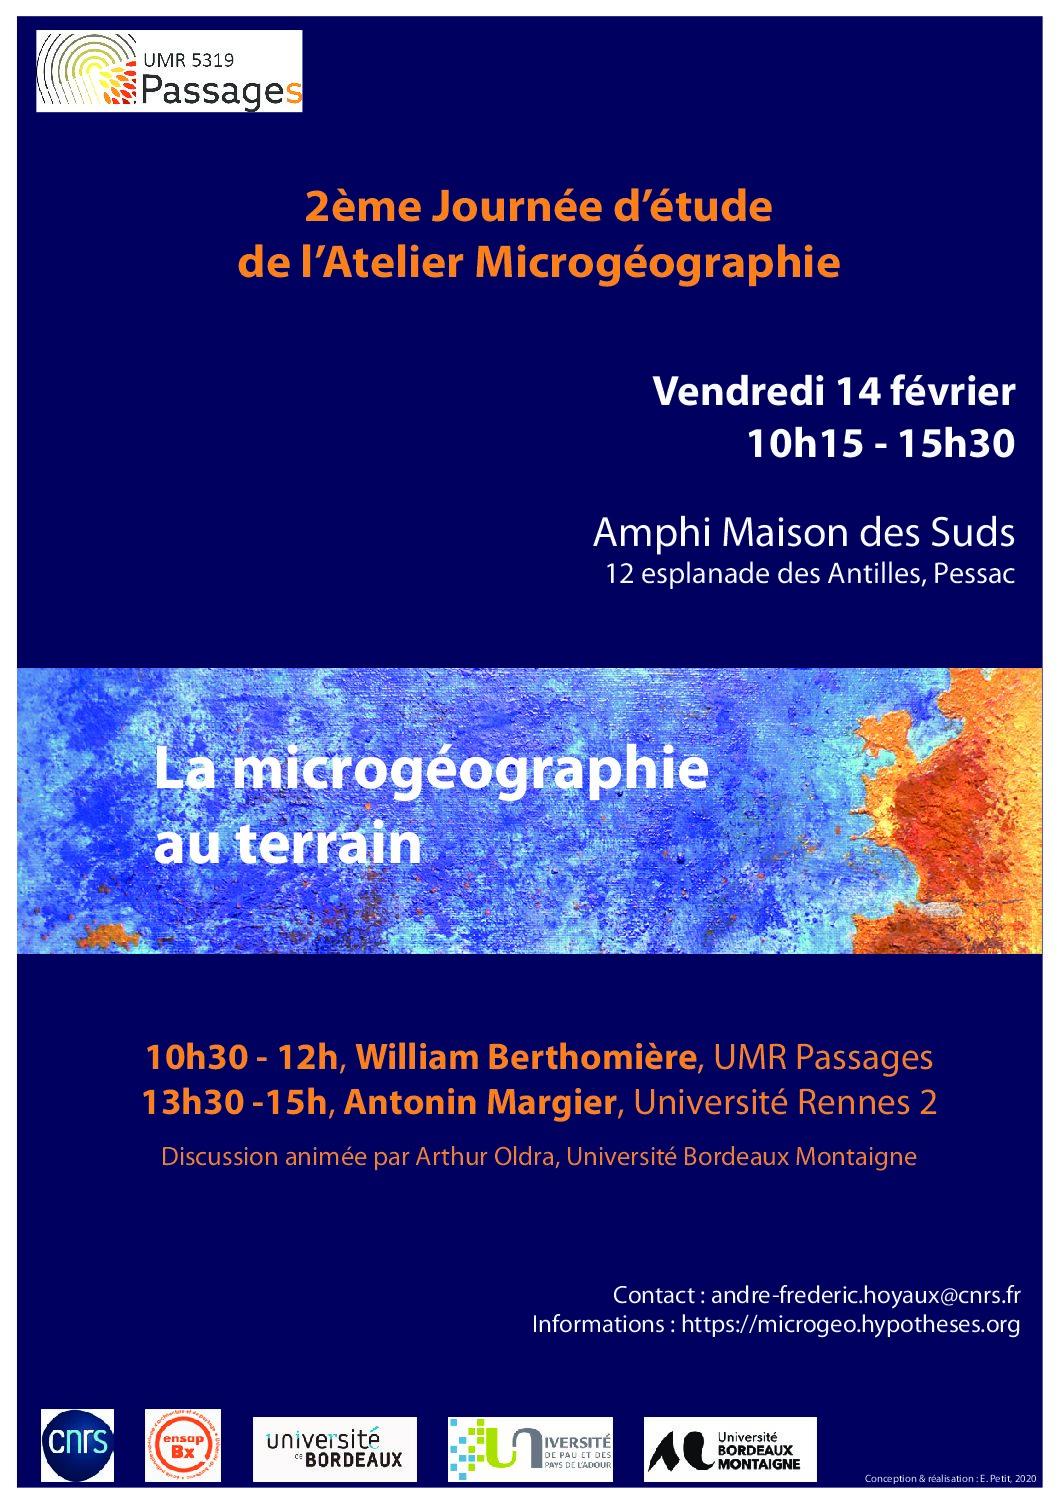 2e Journée d'étude de l'Atelier Microgéographie, vendredi 14 février 2020